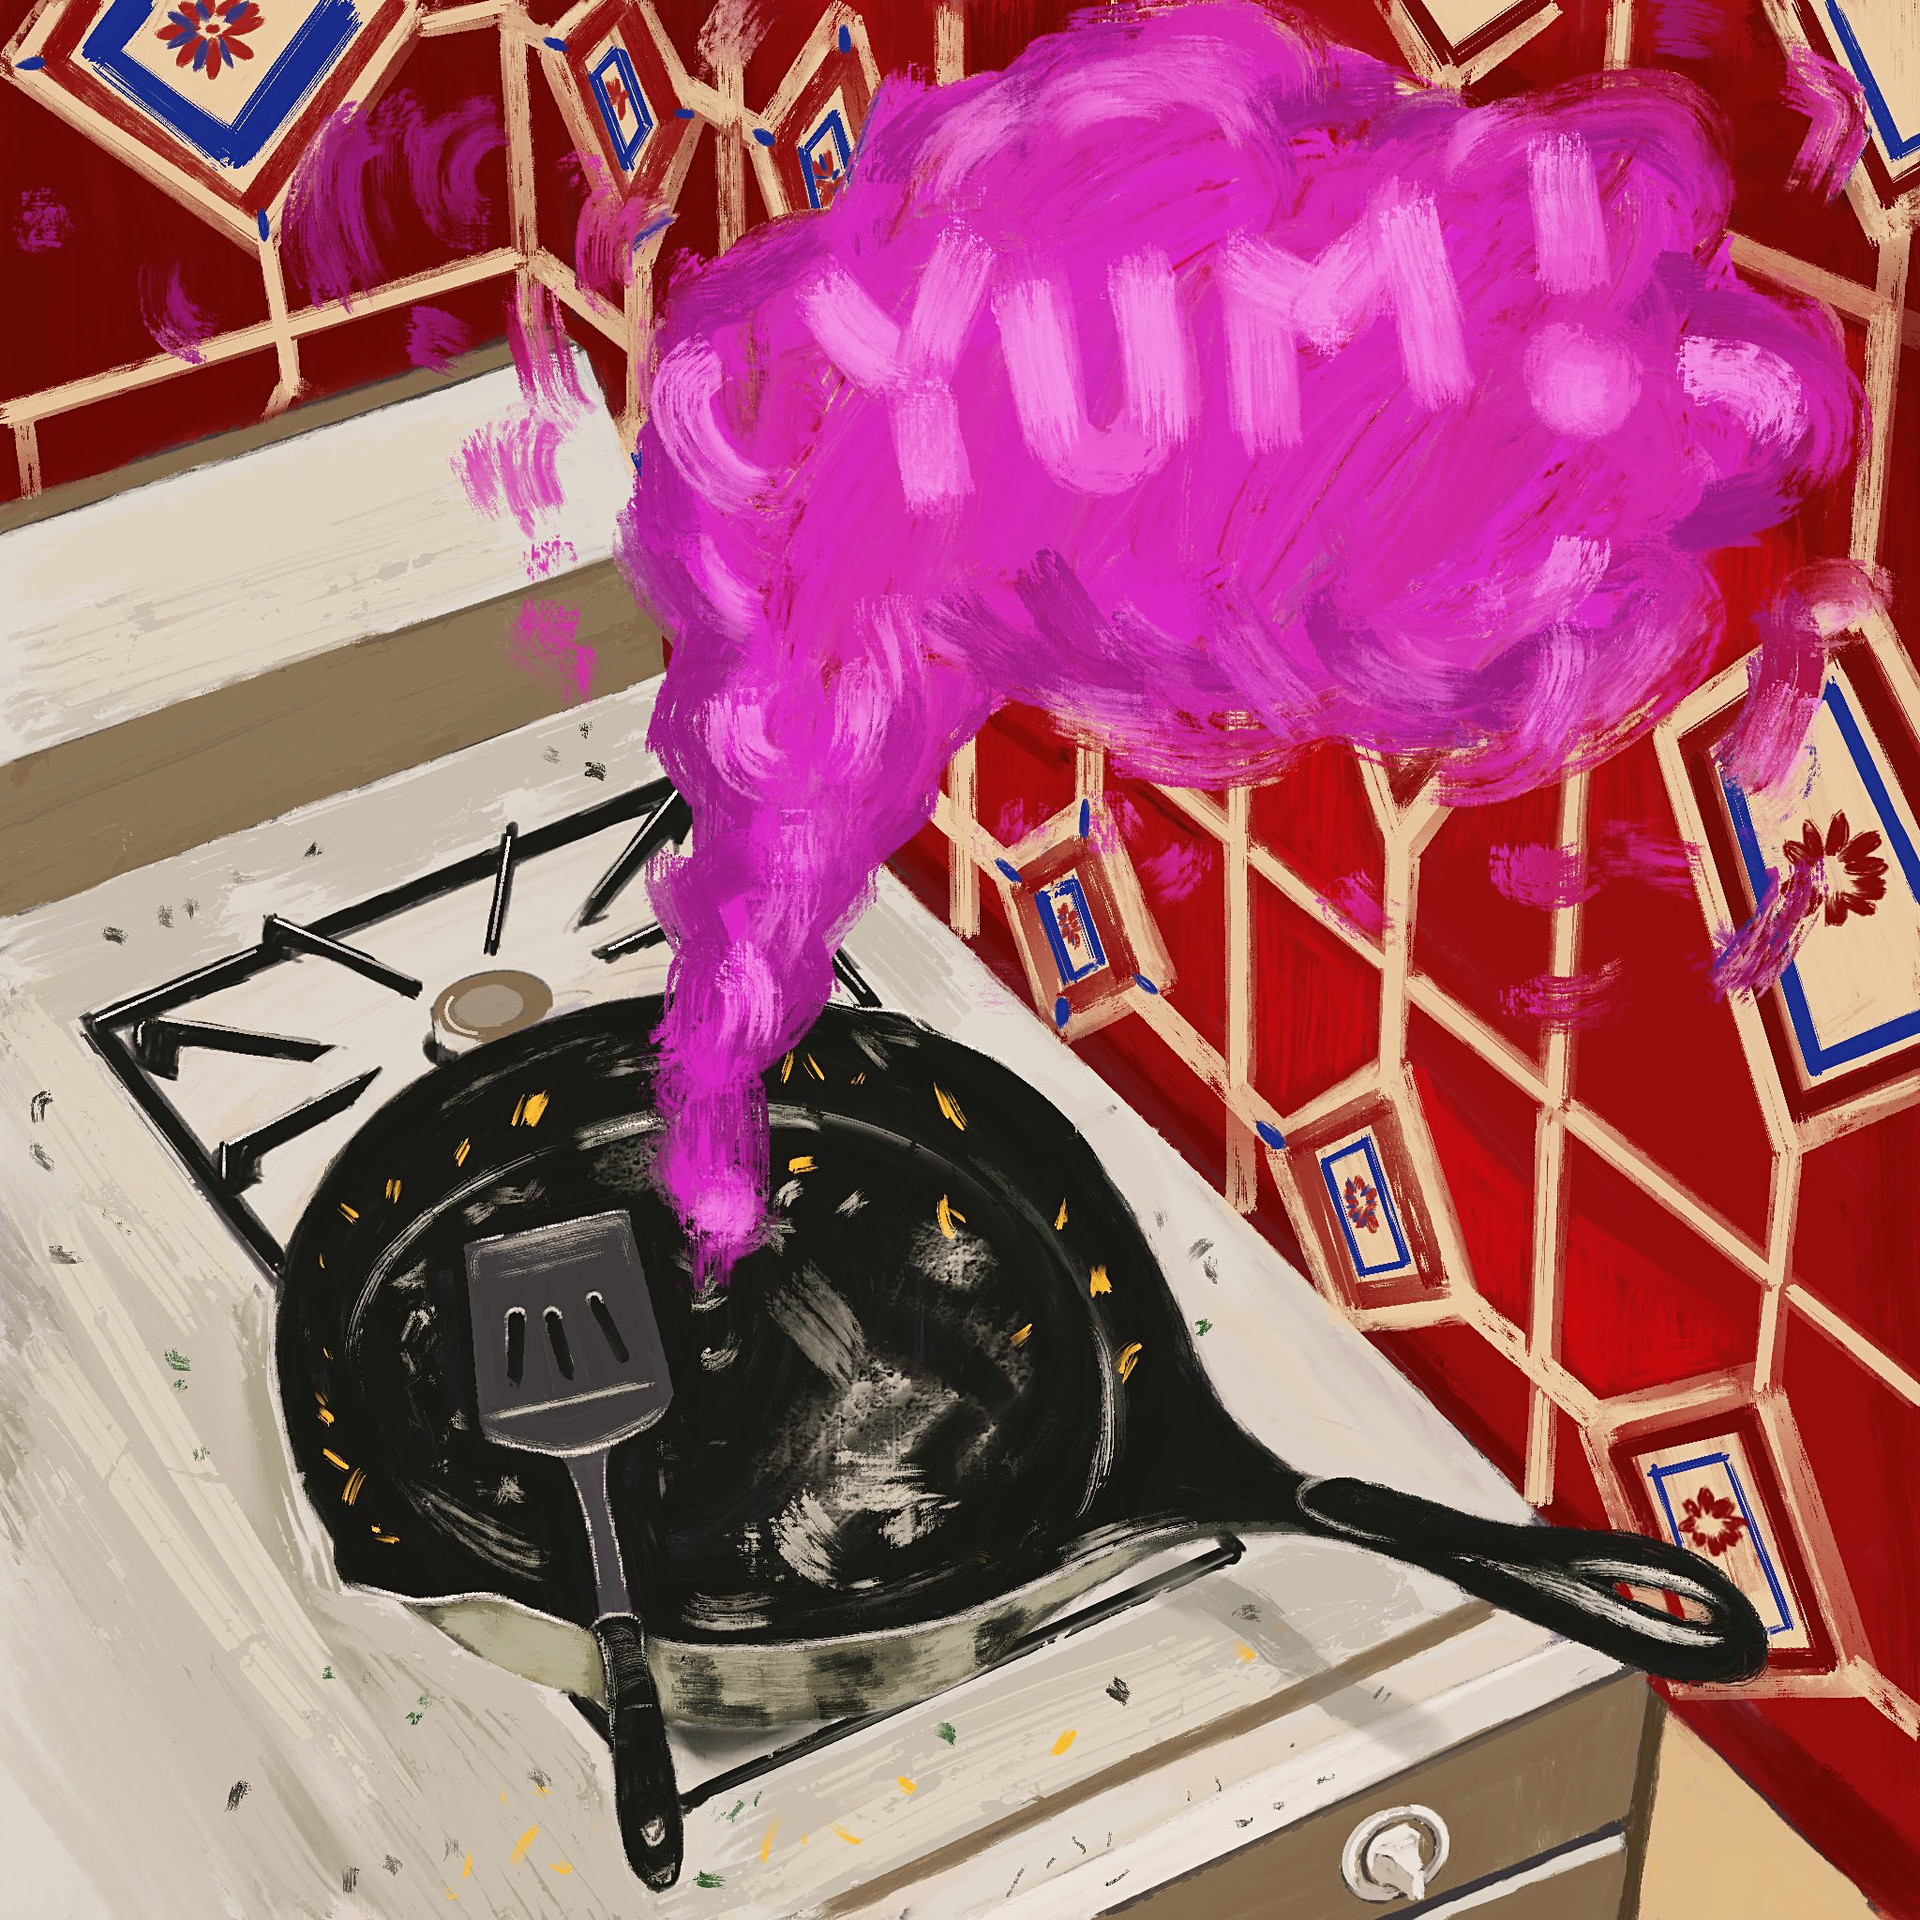 Moe murdock yummyeggs